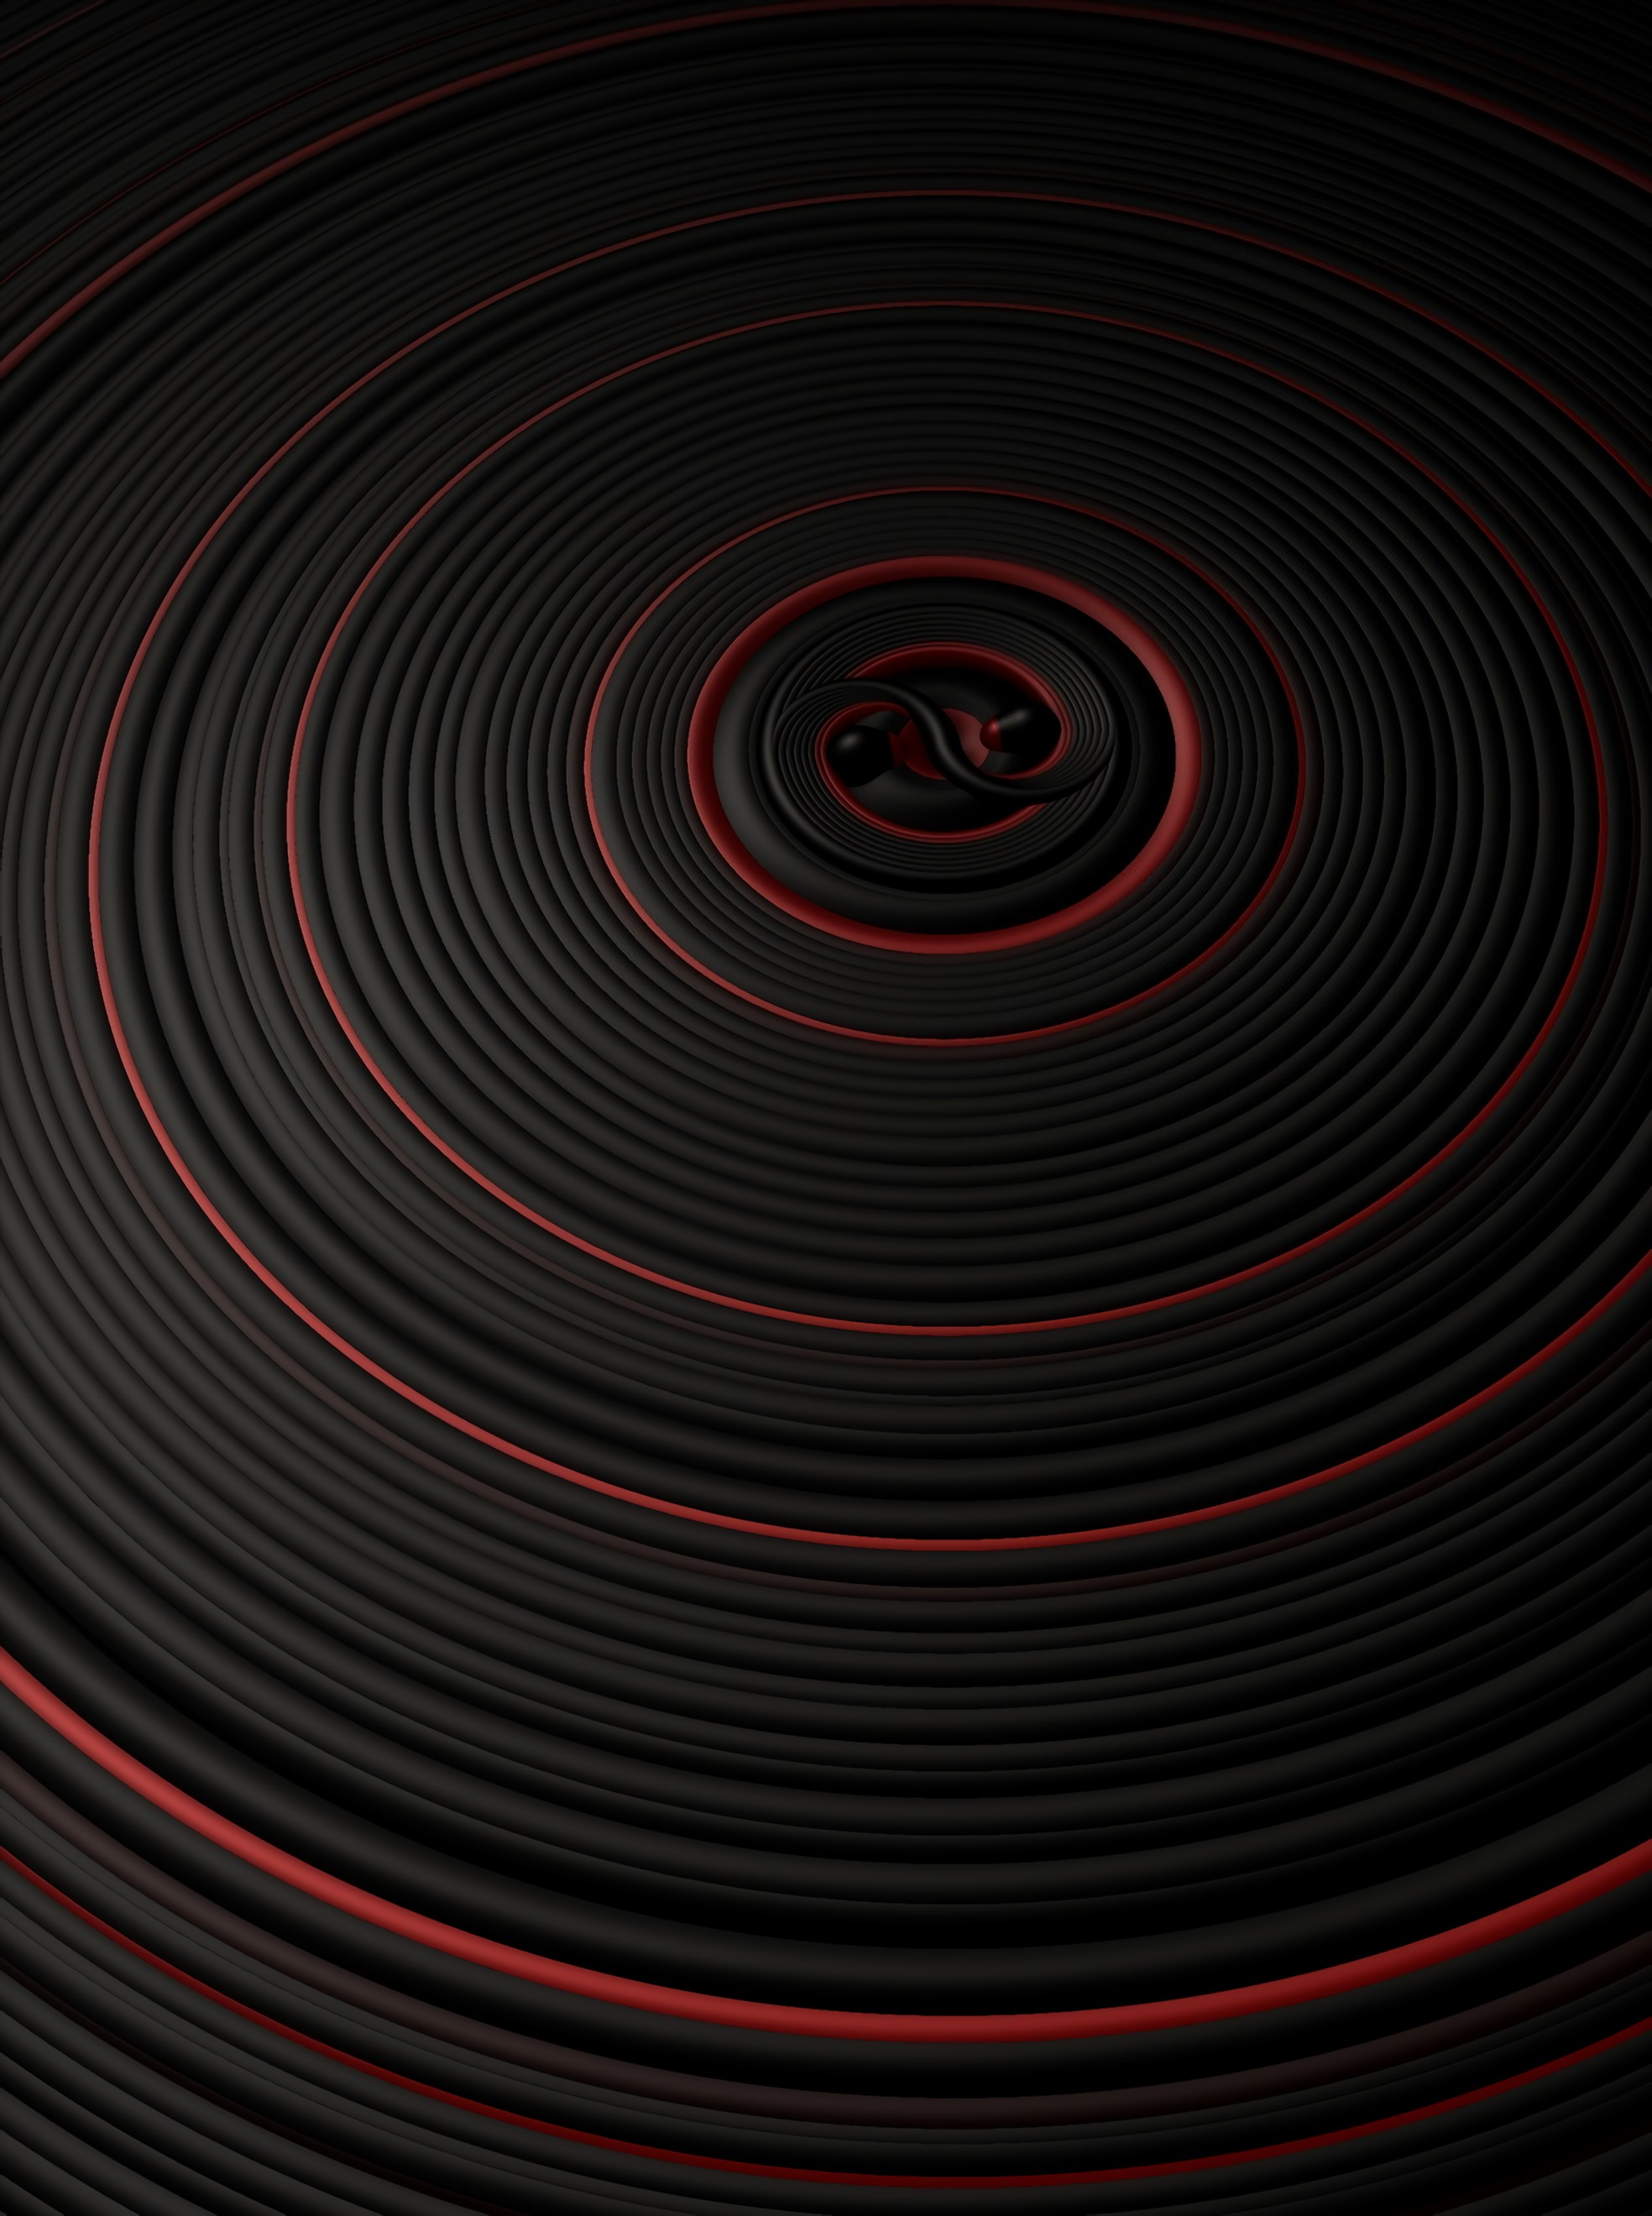 57112 免費下載壁紙 3D, 界, 圆圈, 表面, 振动, 黑色的, 红色的 屏保和圖片